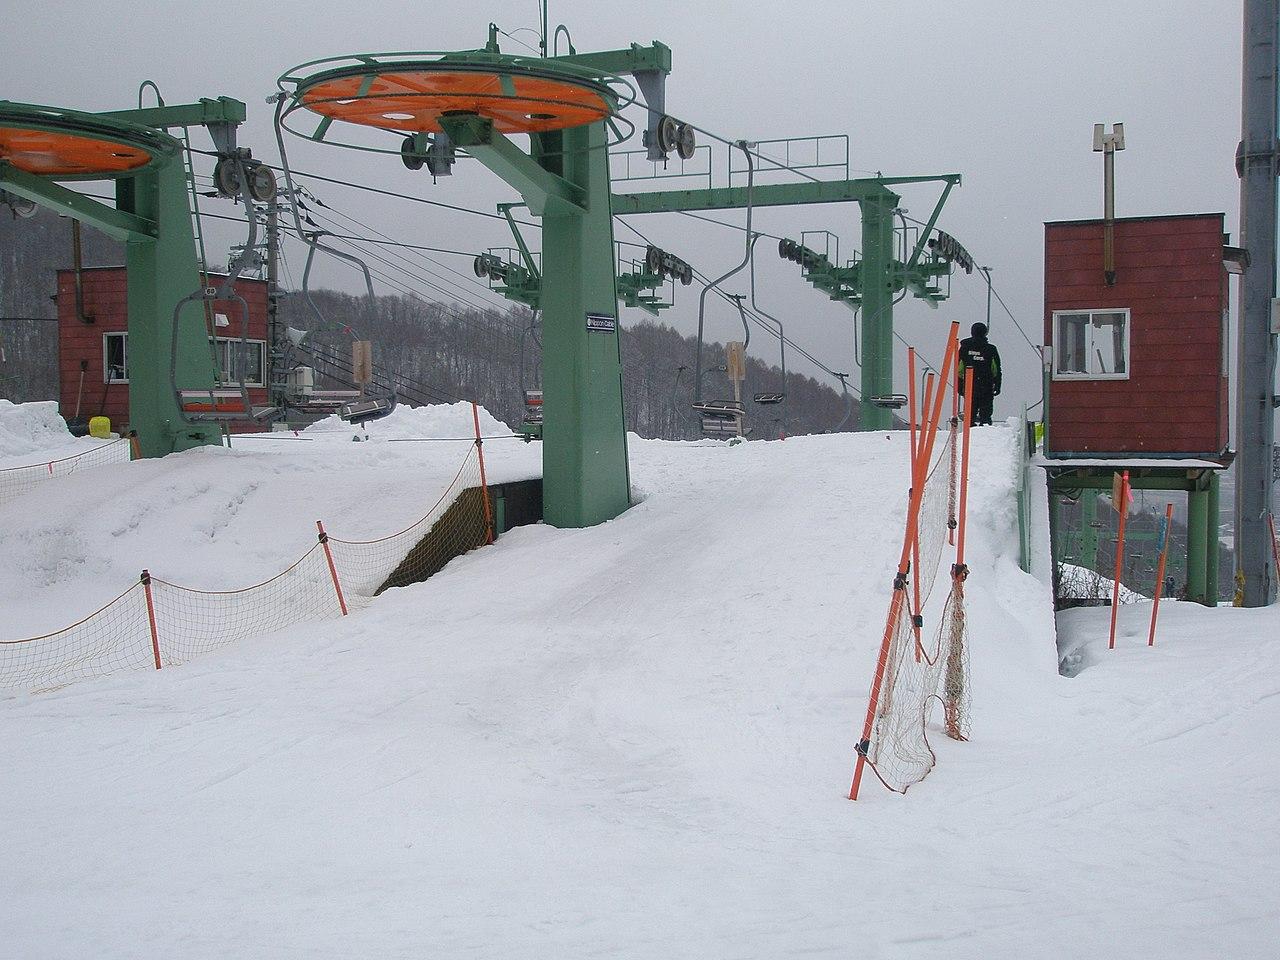 スキー 藻 場 岩山